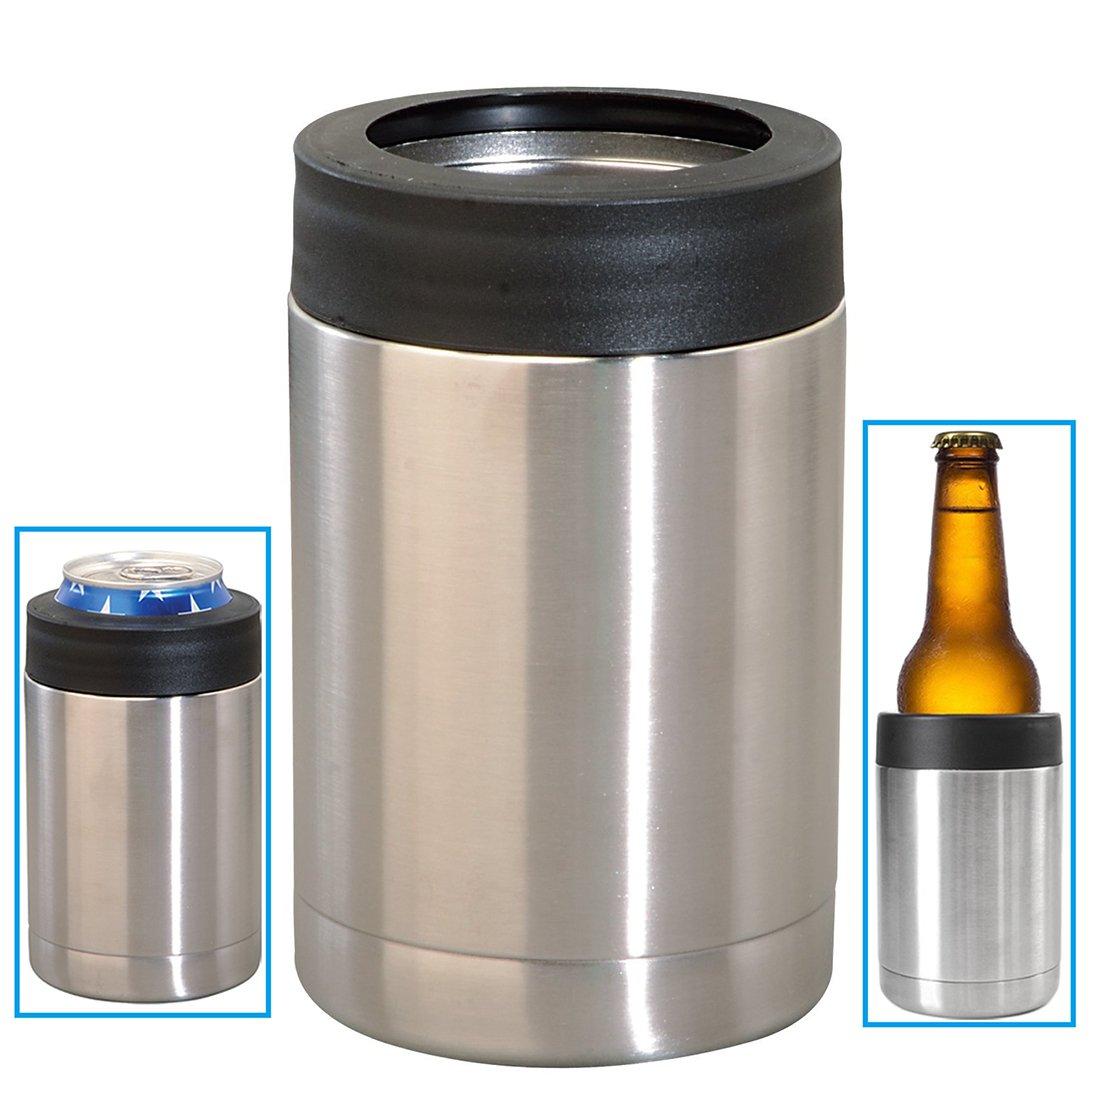 INIBUD 保冷 缶ホルダー 缶クーラー ドリンクホルダー 真空断熱 ステンレス